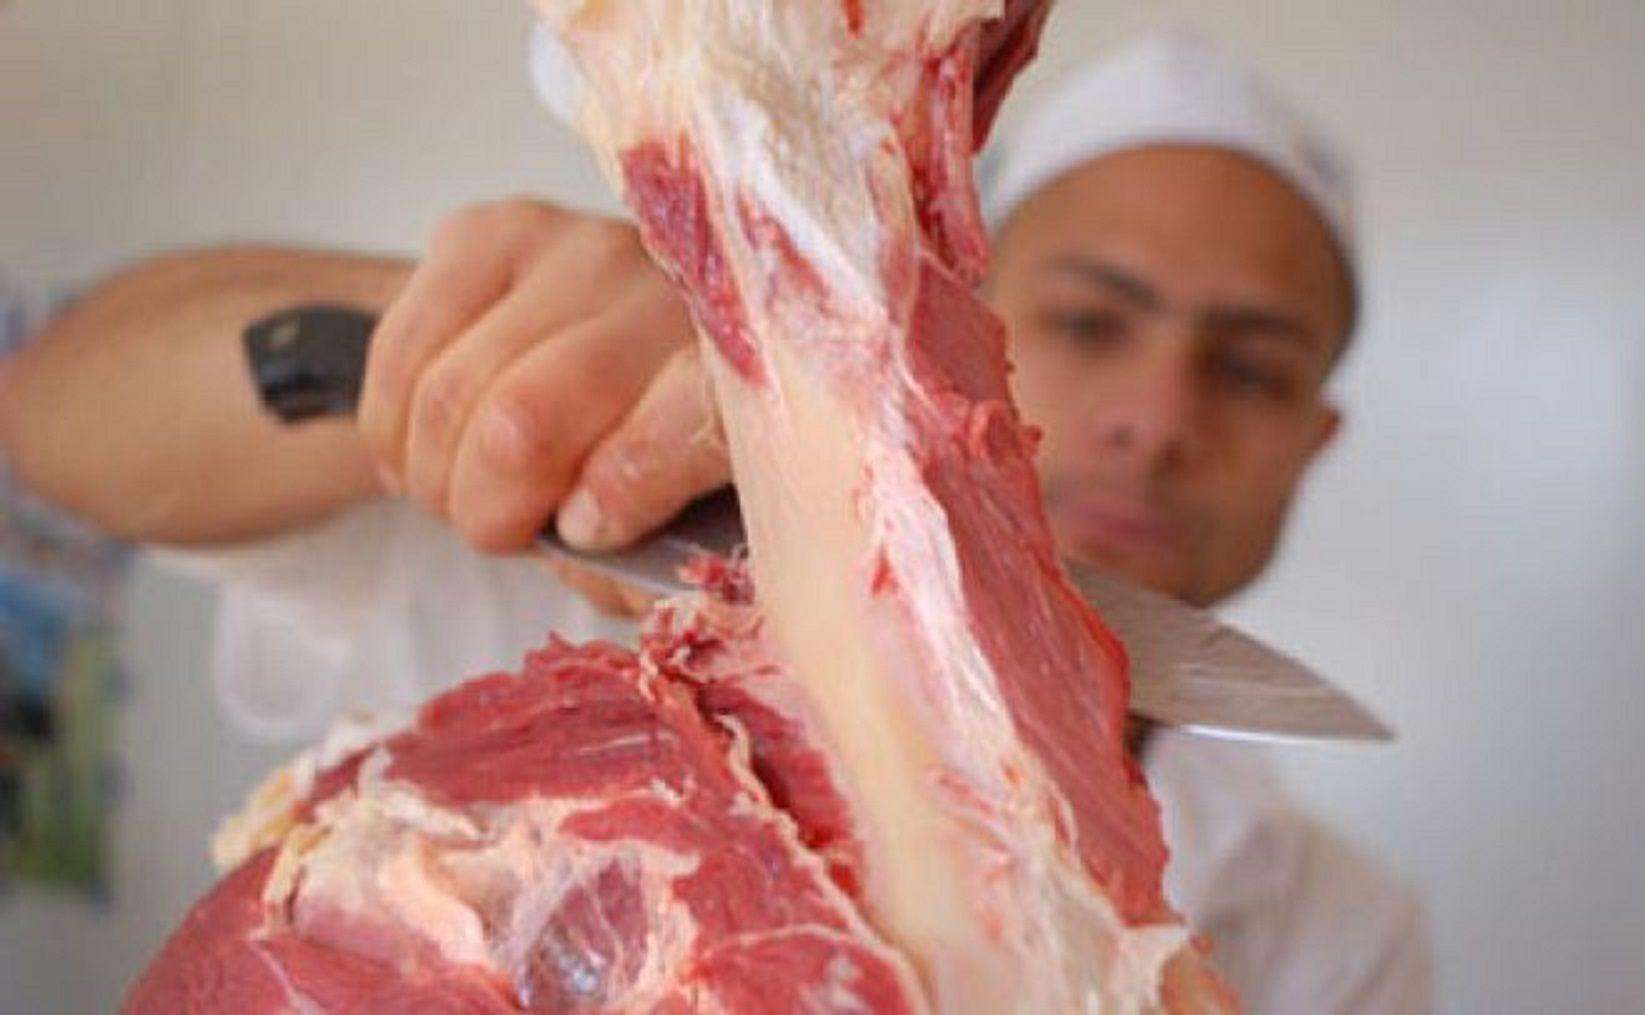 Por un paro, pueden faltar carne y pollo: el reclamo será por 48 horas